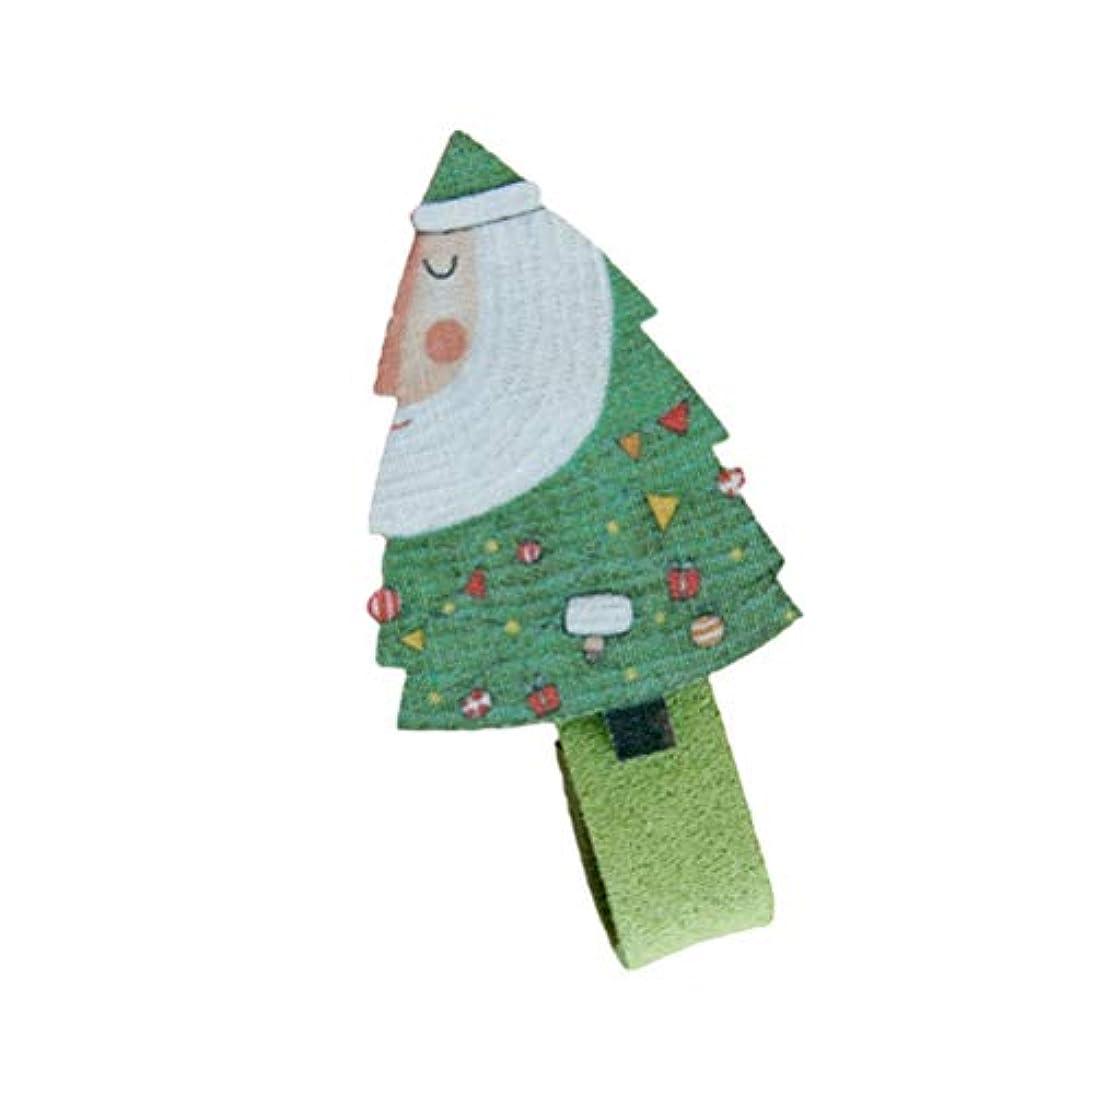 チャットリーン継続中Lurrose 女の子の十代の若者たちのためのキッズヘアクリップバレットクリスマスヘアピン